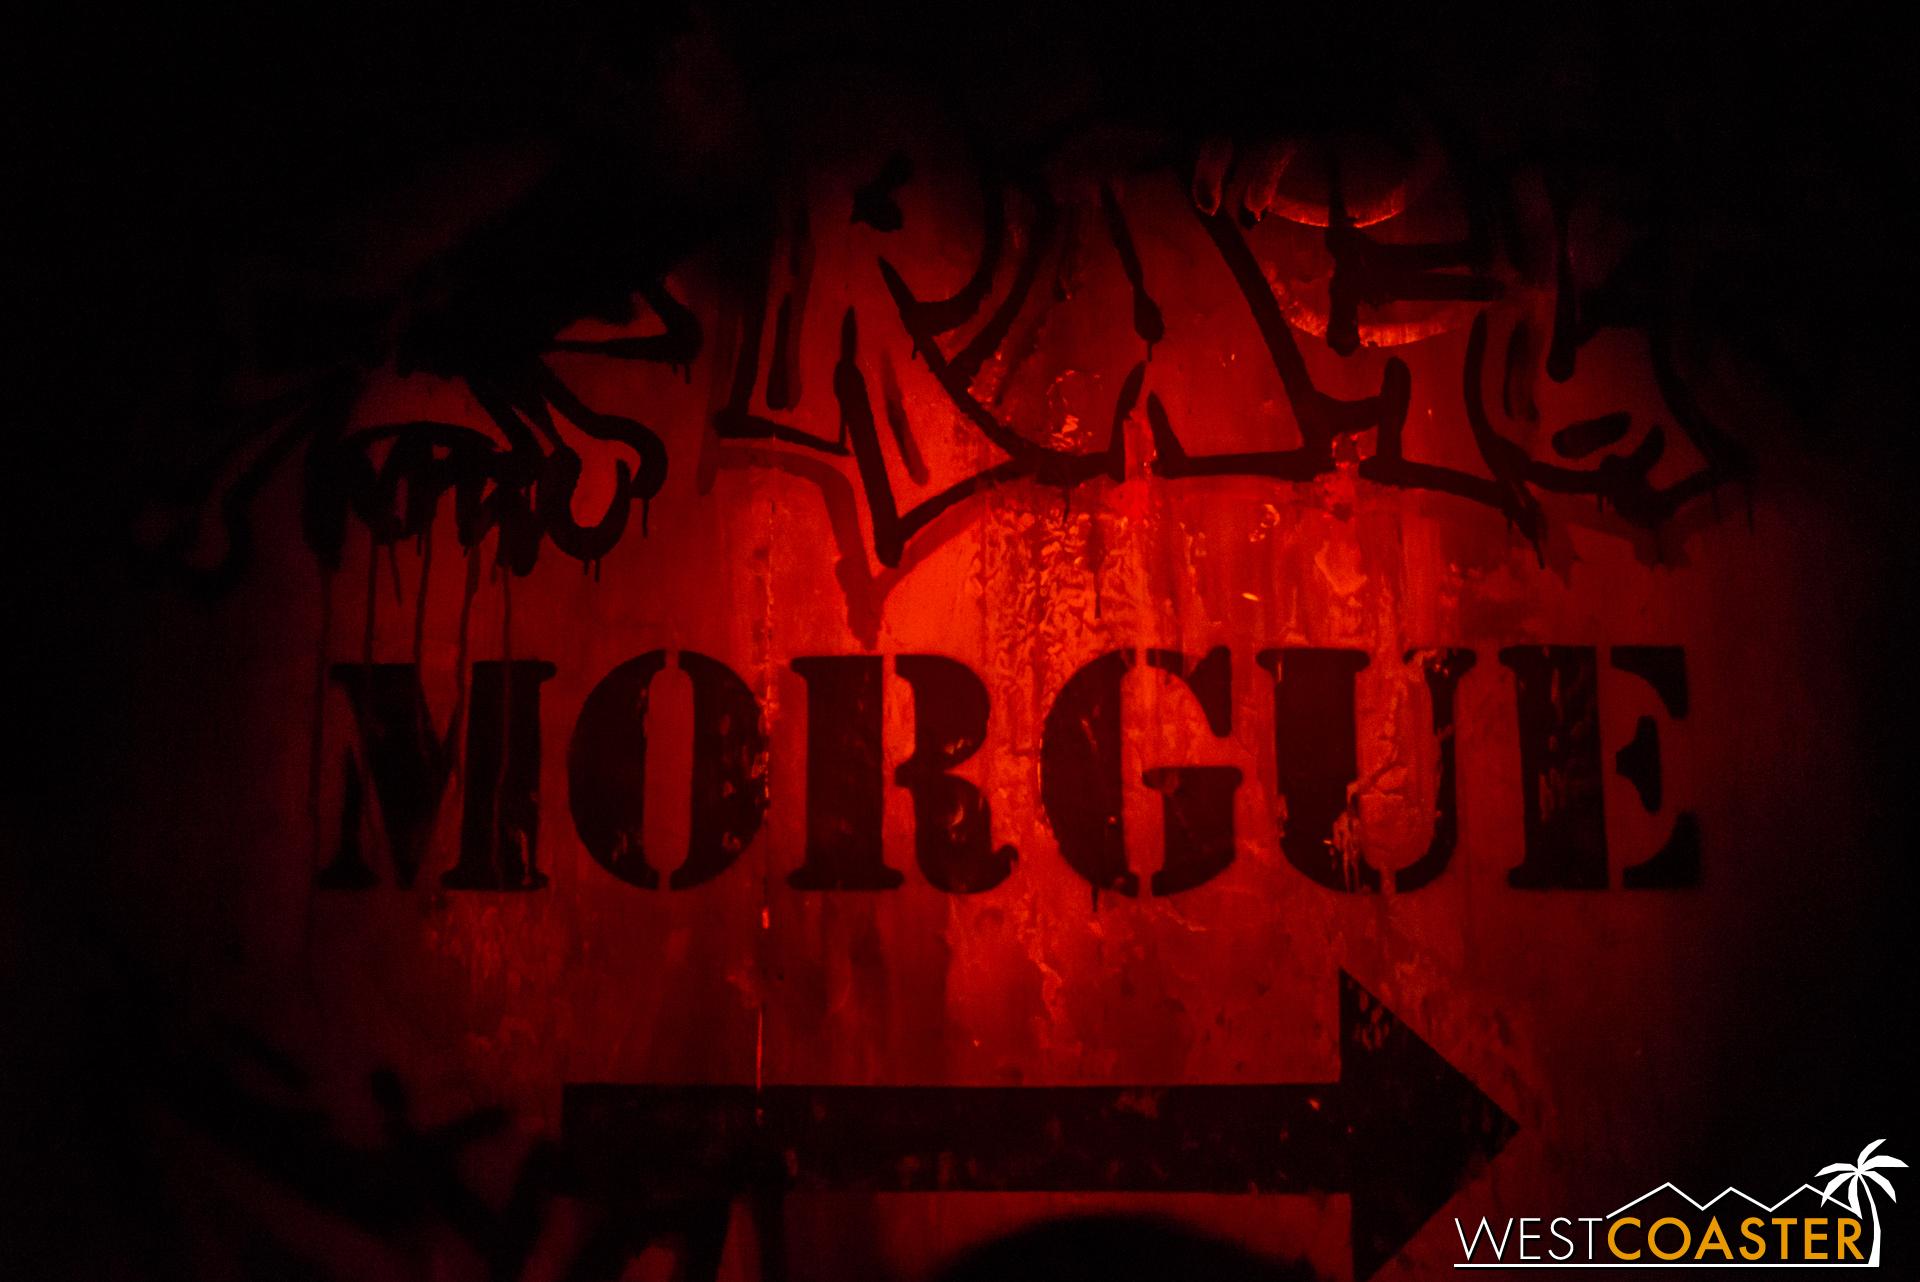 Shall we go to the morgue?